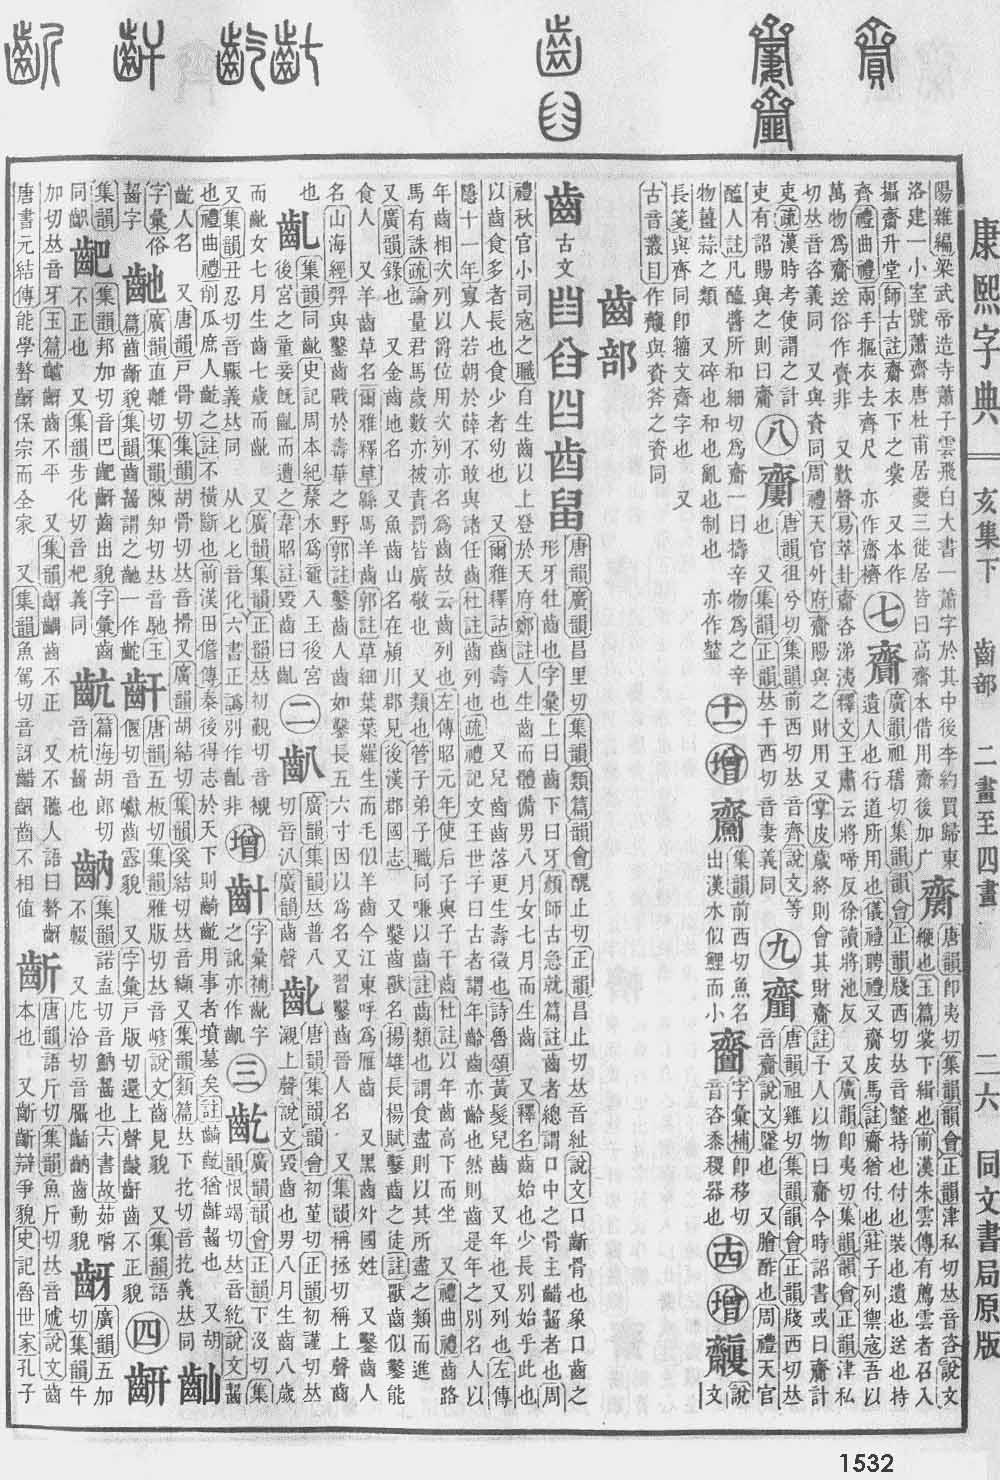 《康熙字典》第1532页